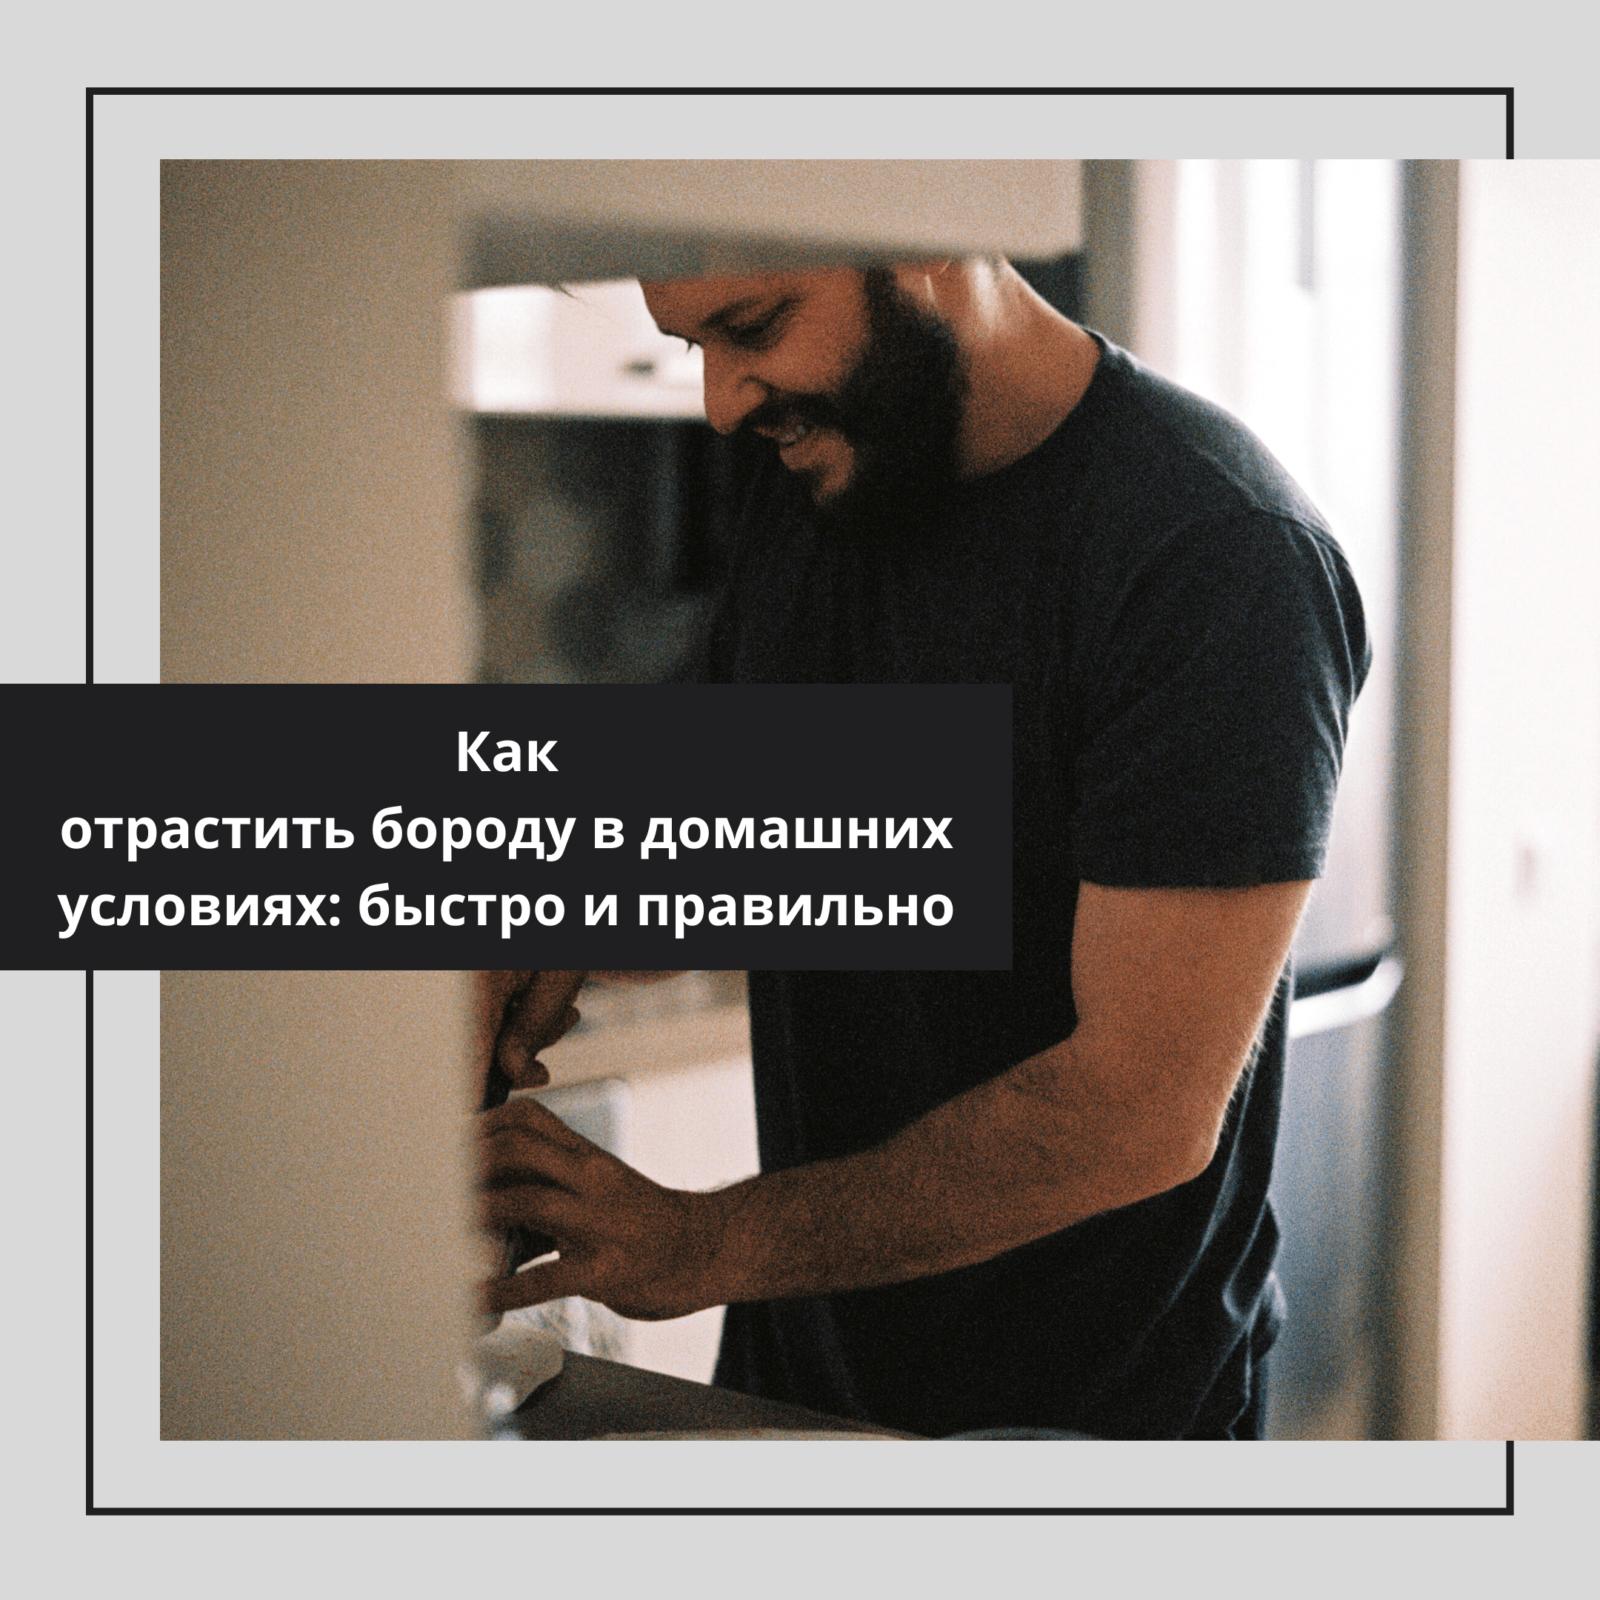 Как отрастить бороду в домашних условиях: быстро и правильно